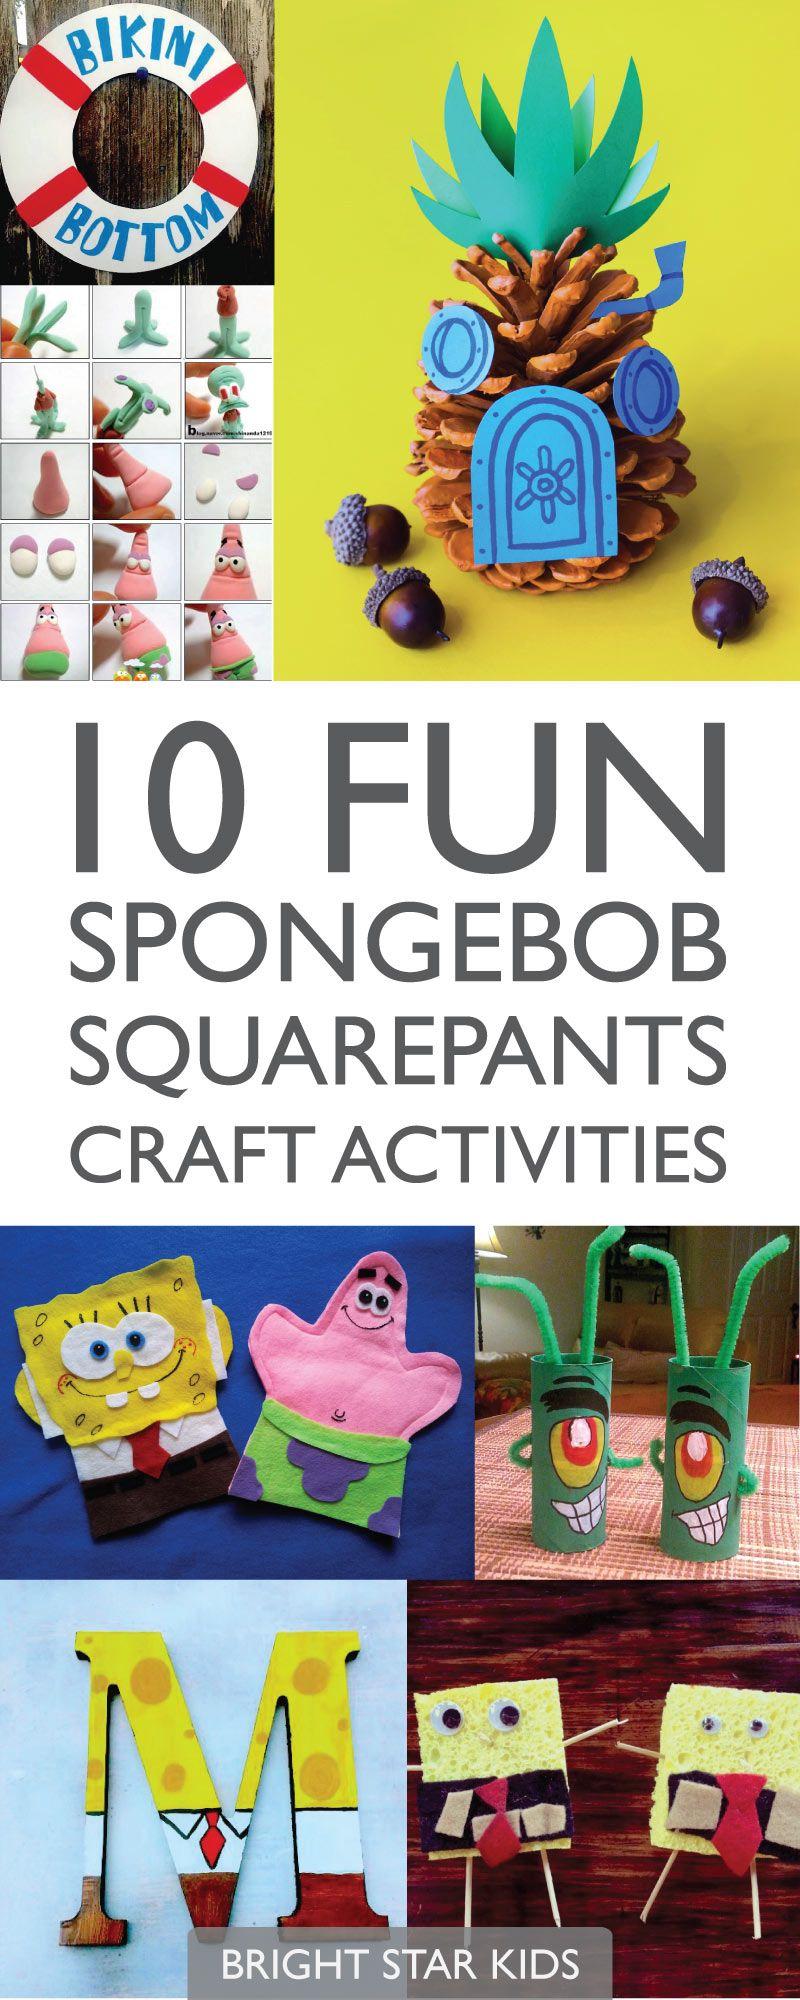 10 Fun Spongebob Squarepants Craft Activities Craft Activities